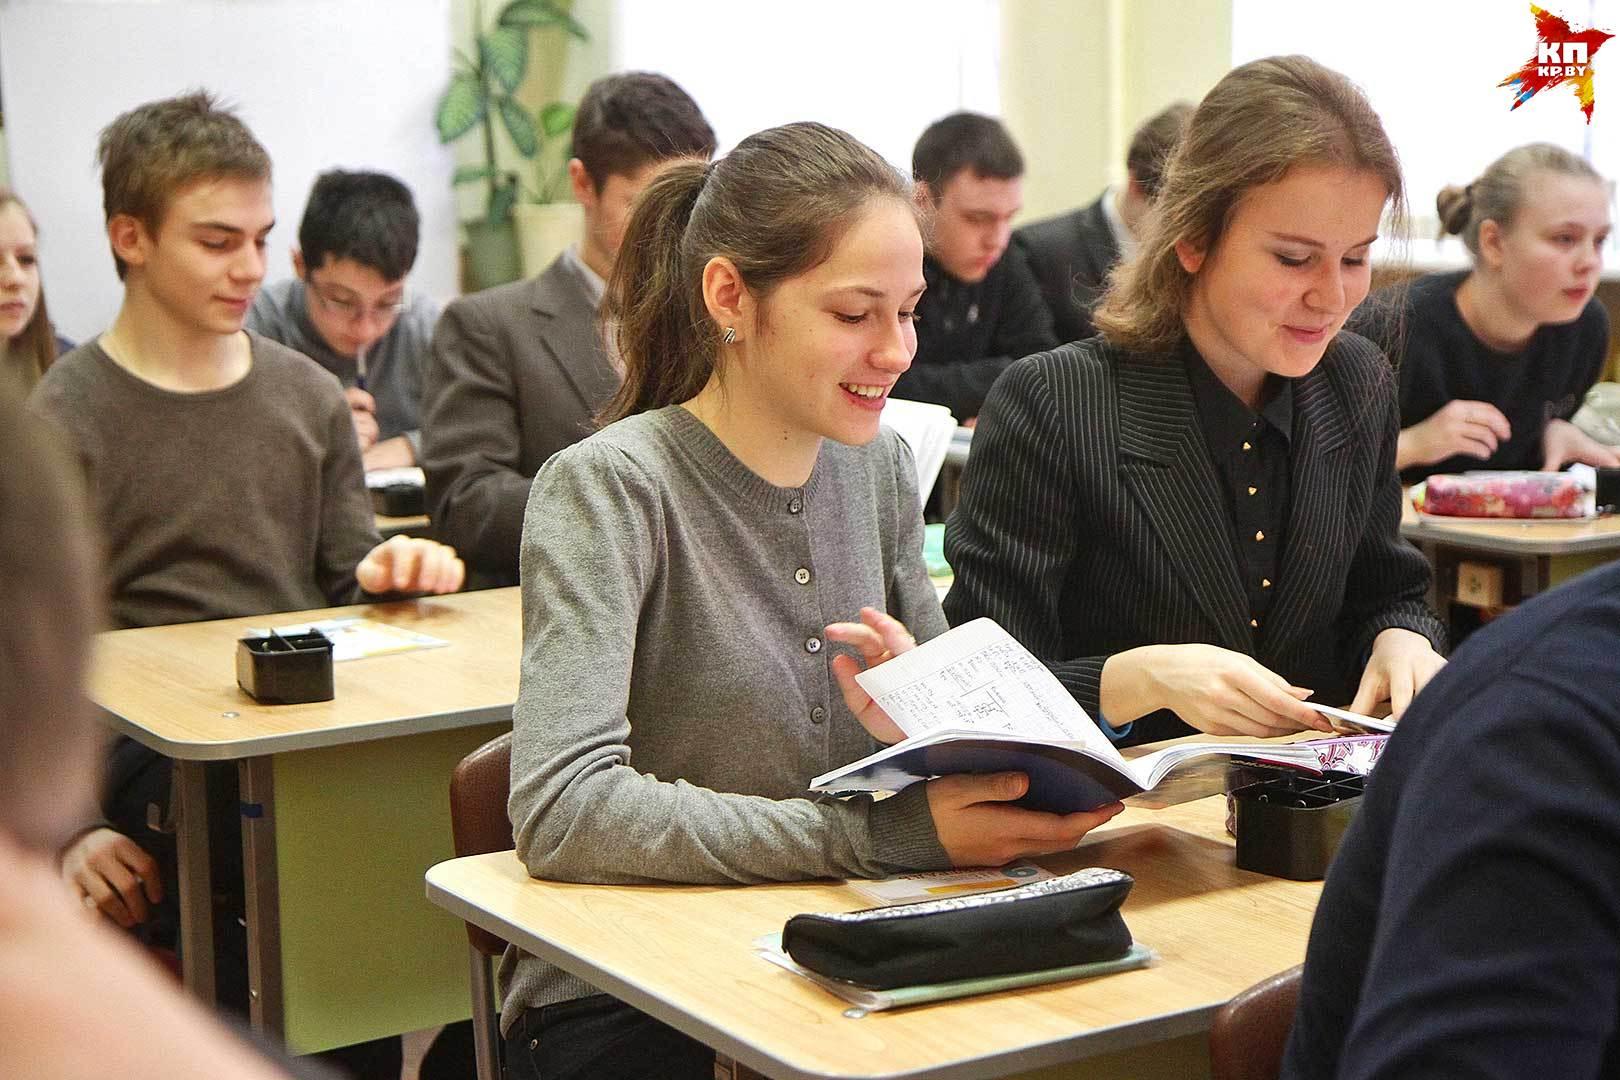 Нужны чрезвычайные меры, чтобы спасти следующий учебный год